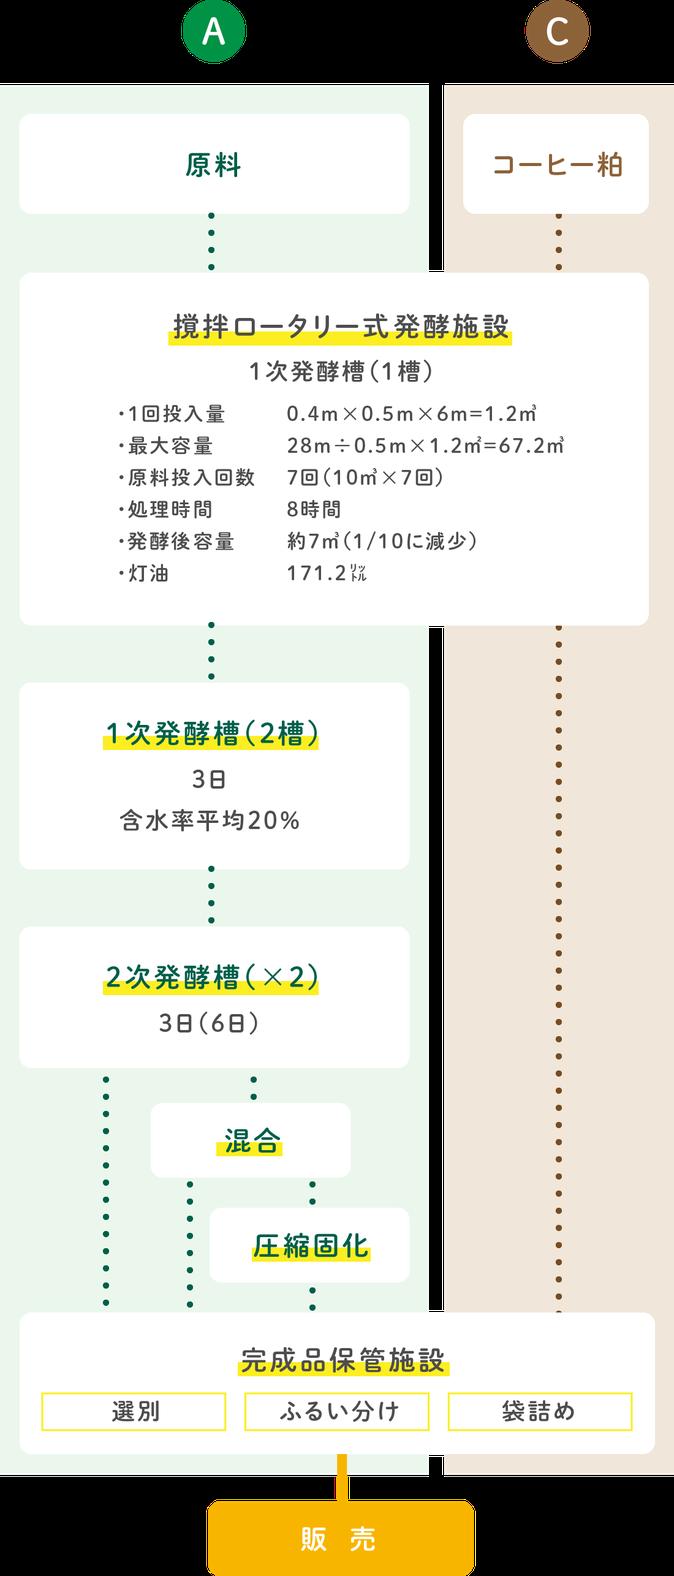 肥料生産フローチャート